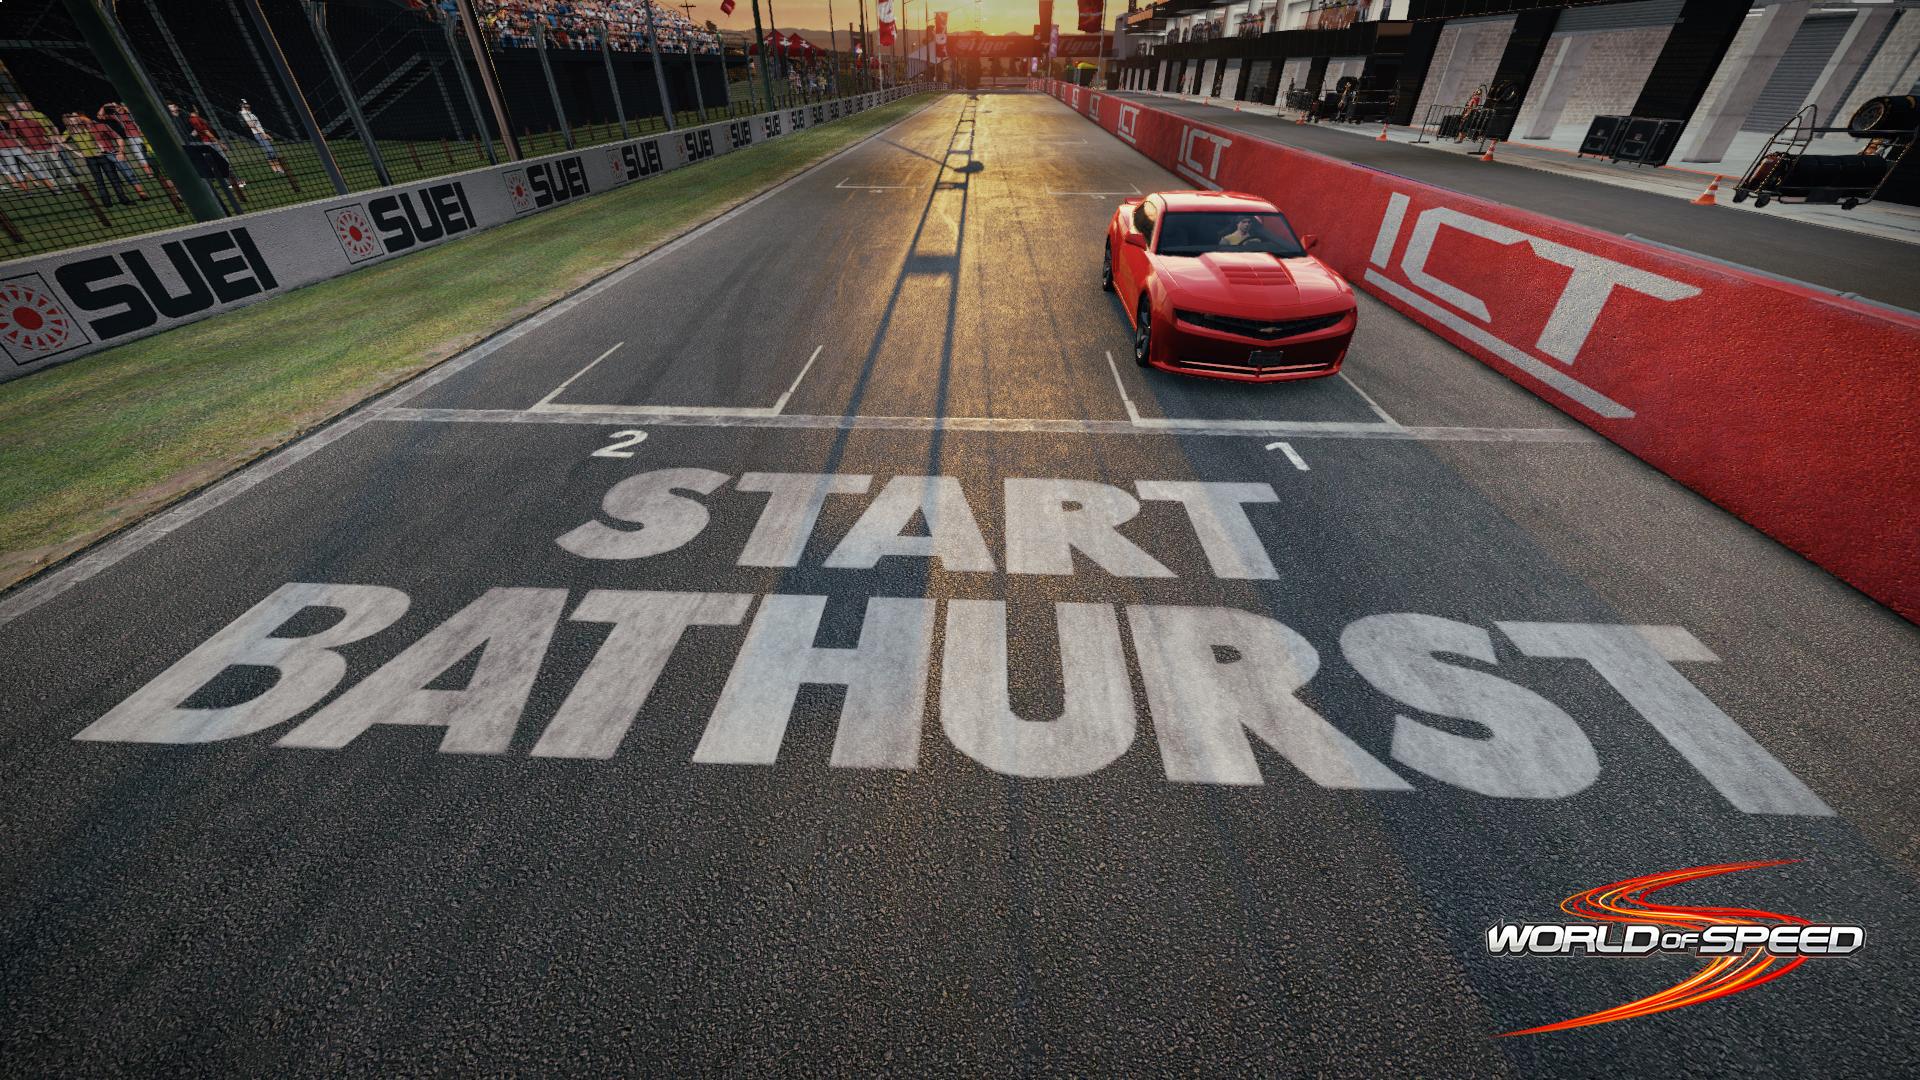 Ngắm trường đua Bathurst trong World of Speed - Ảnh 2